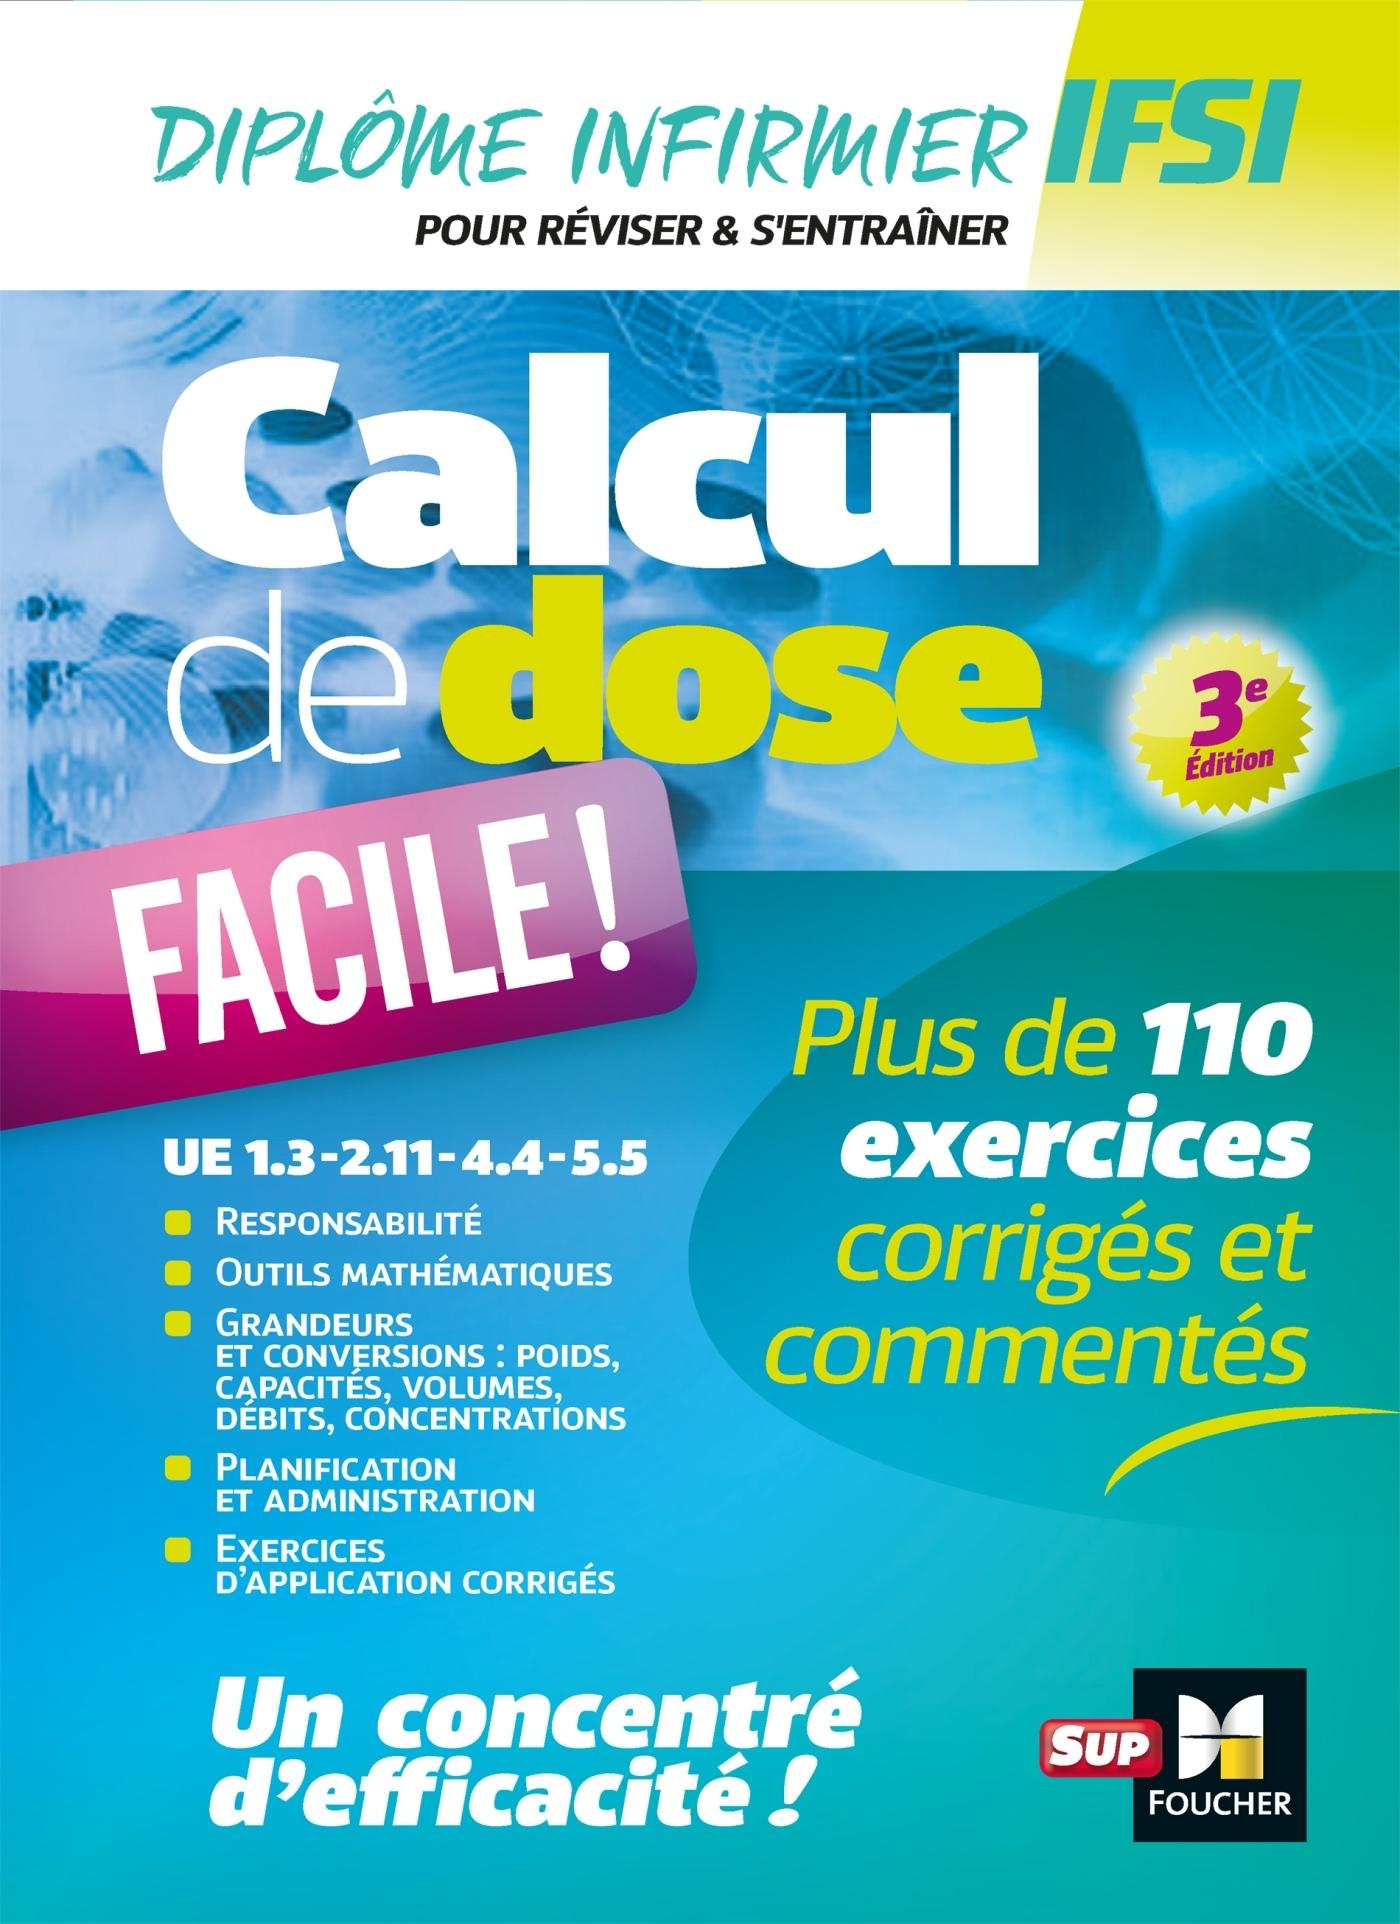 CALCUL DE DOSE FACILE - INFIRMIER EN IFSI - DEI - REVISION - 3E EDITION